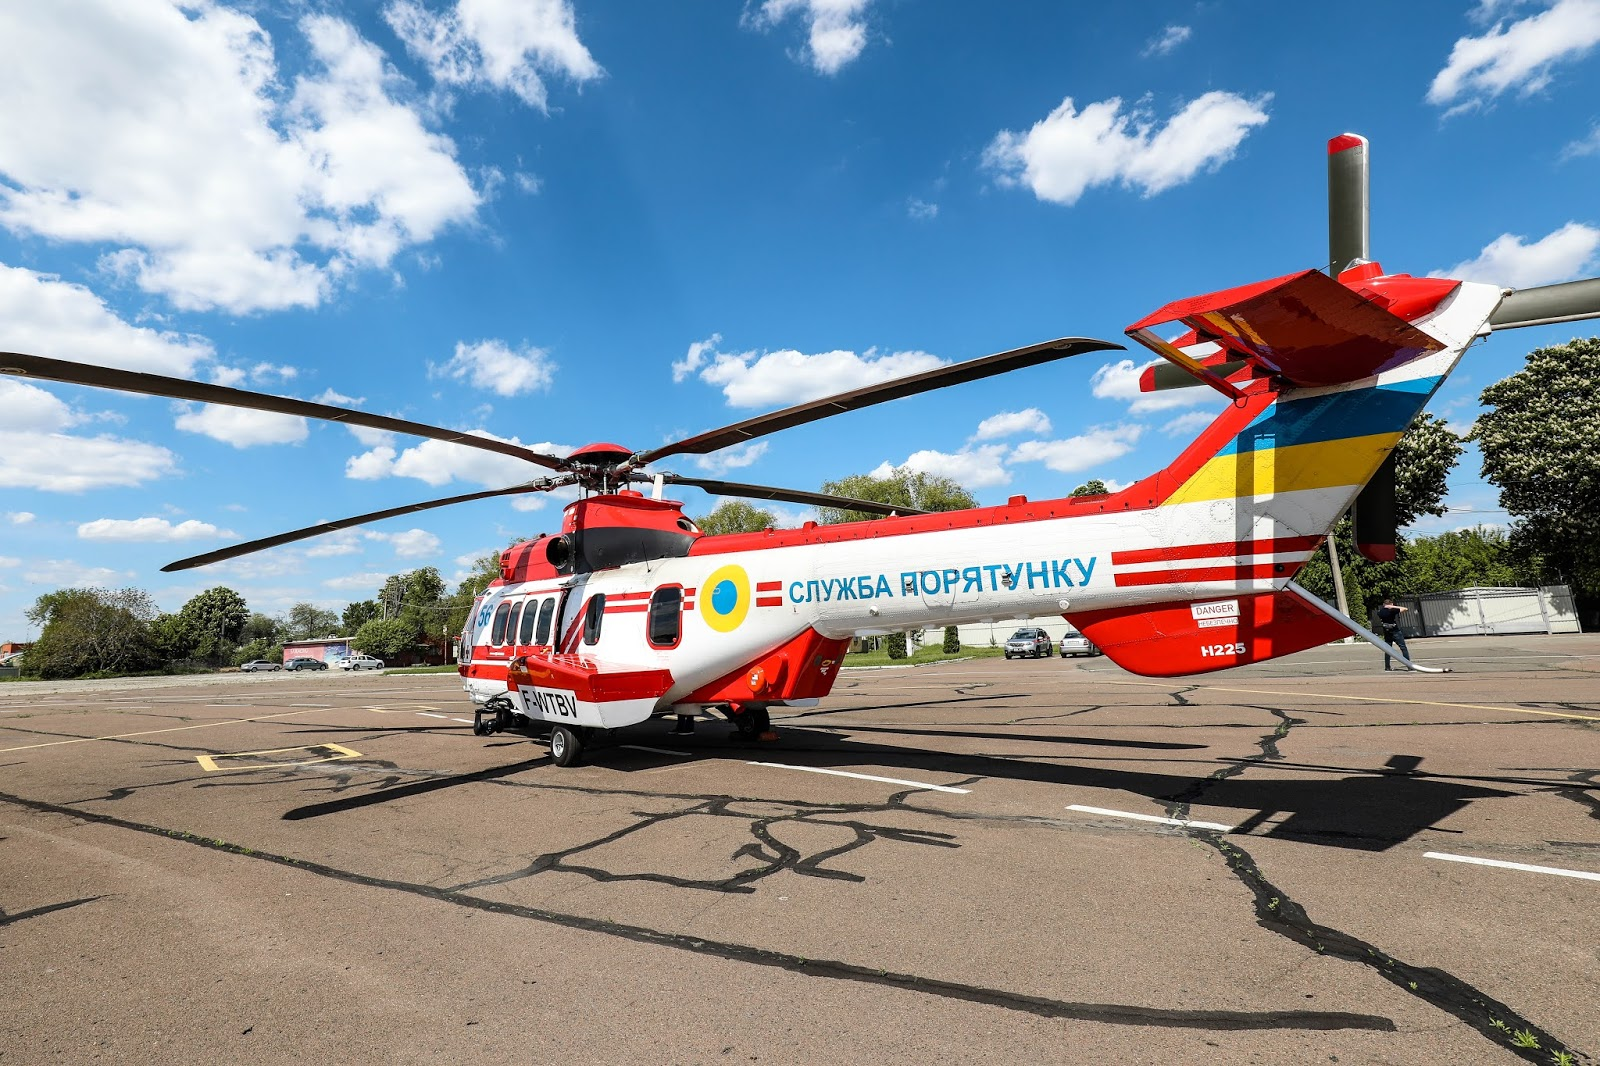 Гелікоптер з бортовим номером 56 (серійний № 2745)